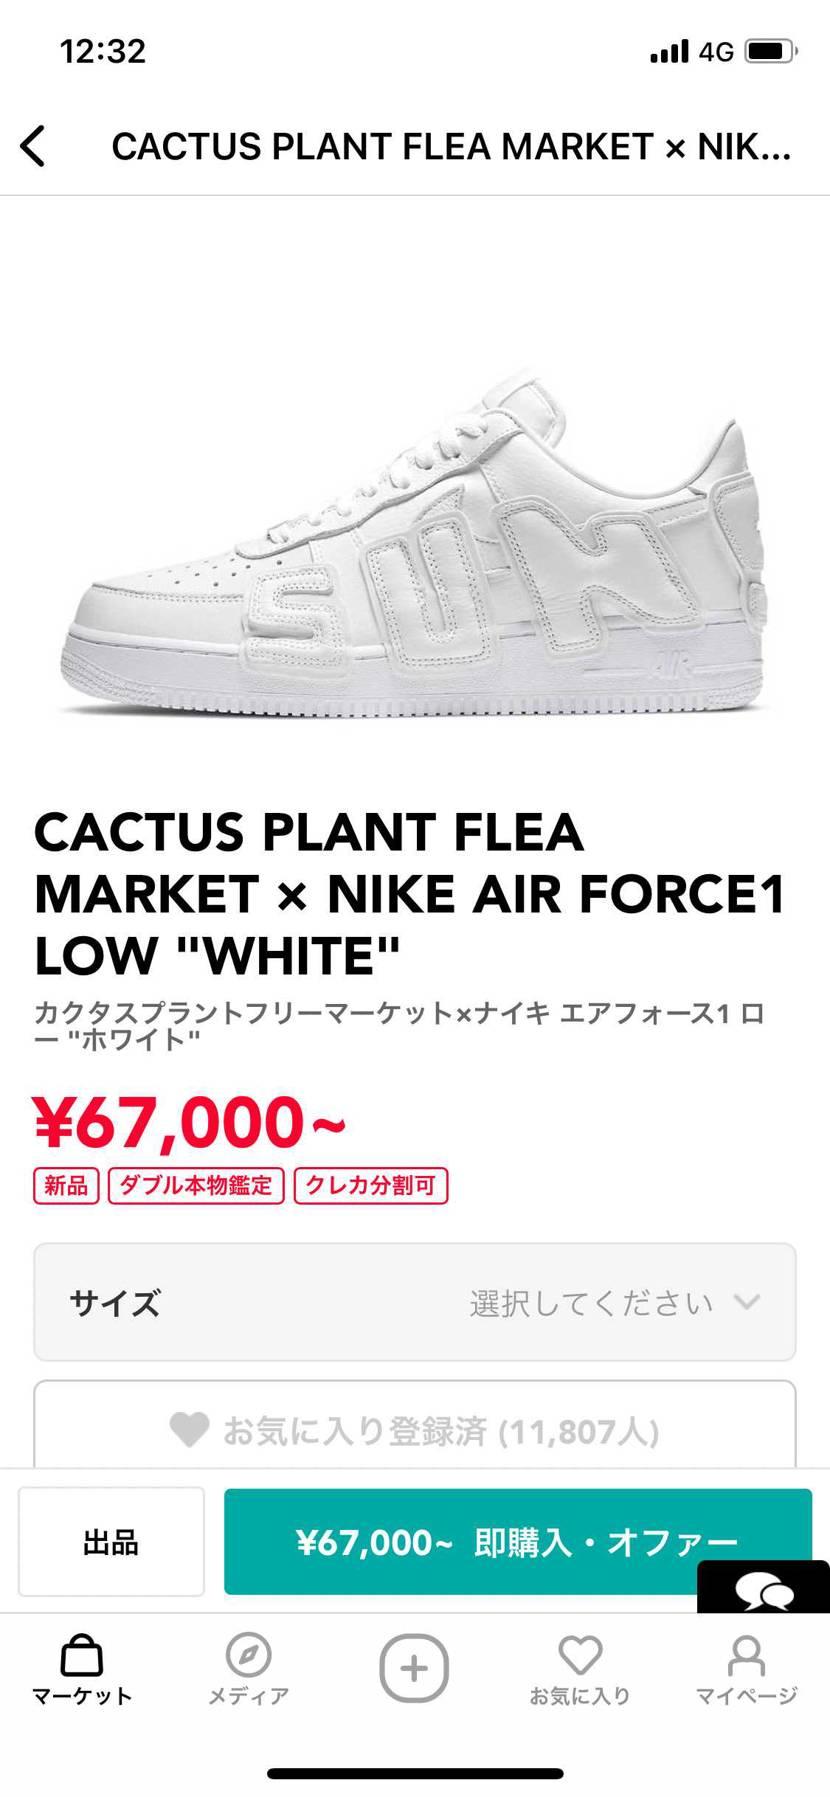 6万なら購入したいです。涙